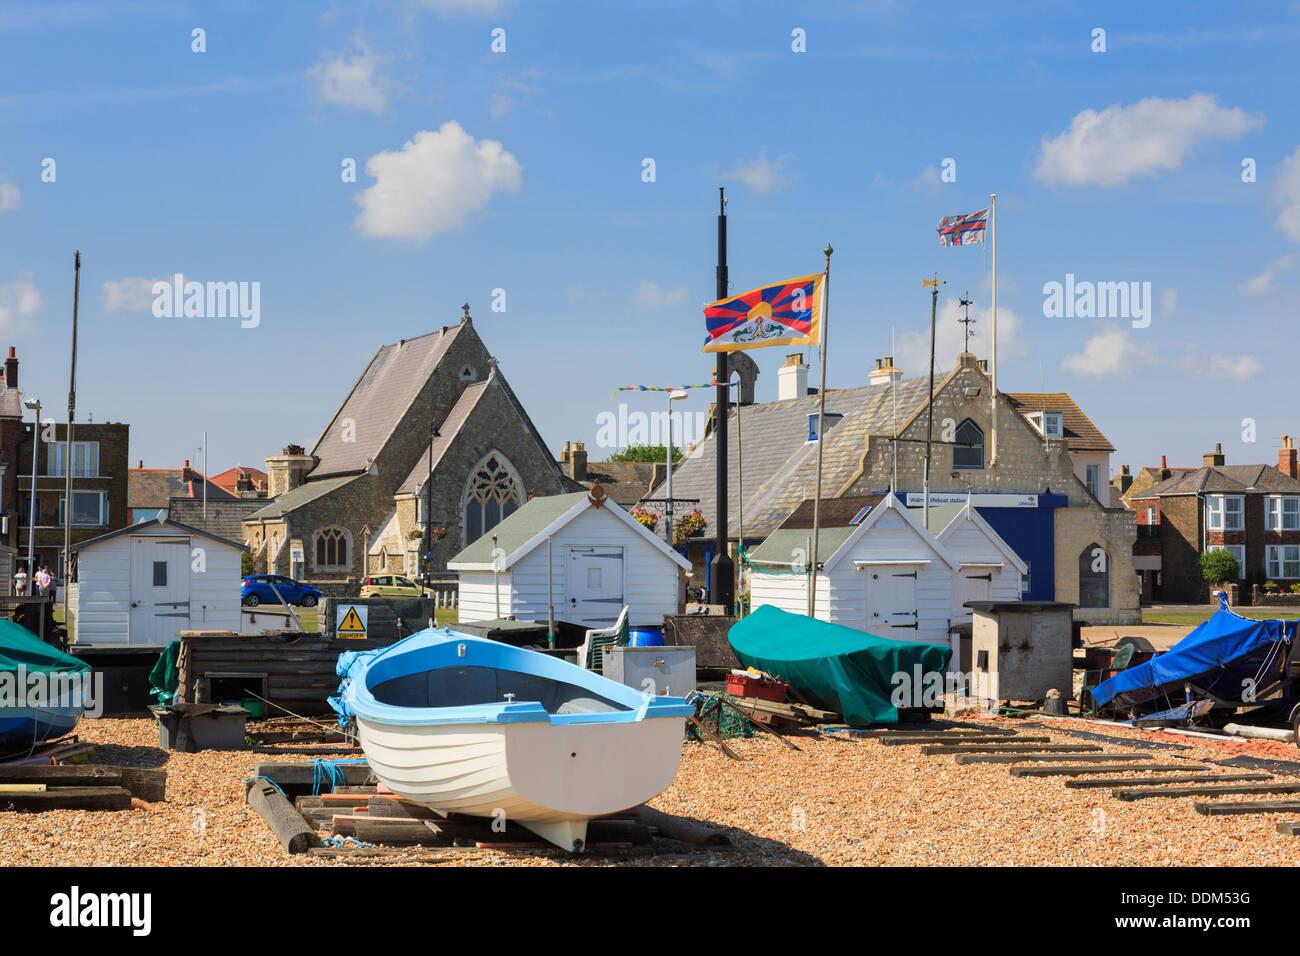 Barcos y bañarse en la playa de Walmer cabañas en la costa sur en Deal, Kent, Inglaterra, Reino Unido, Gran Bretaña Imagen De Stock